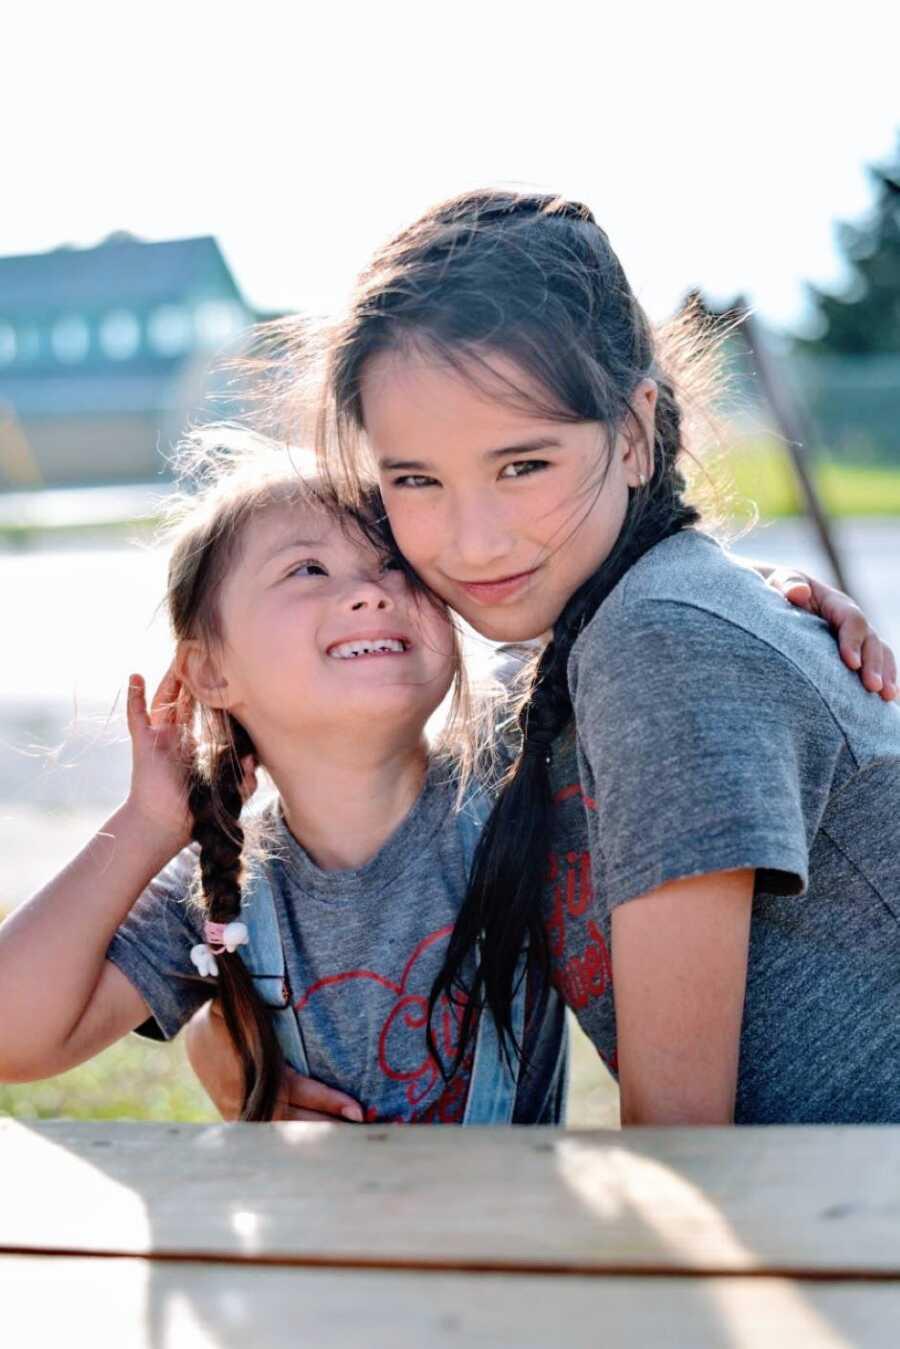 两姐妹穿着相配的衬衫,扎着相配的辫子,微笑着一起拍照